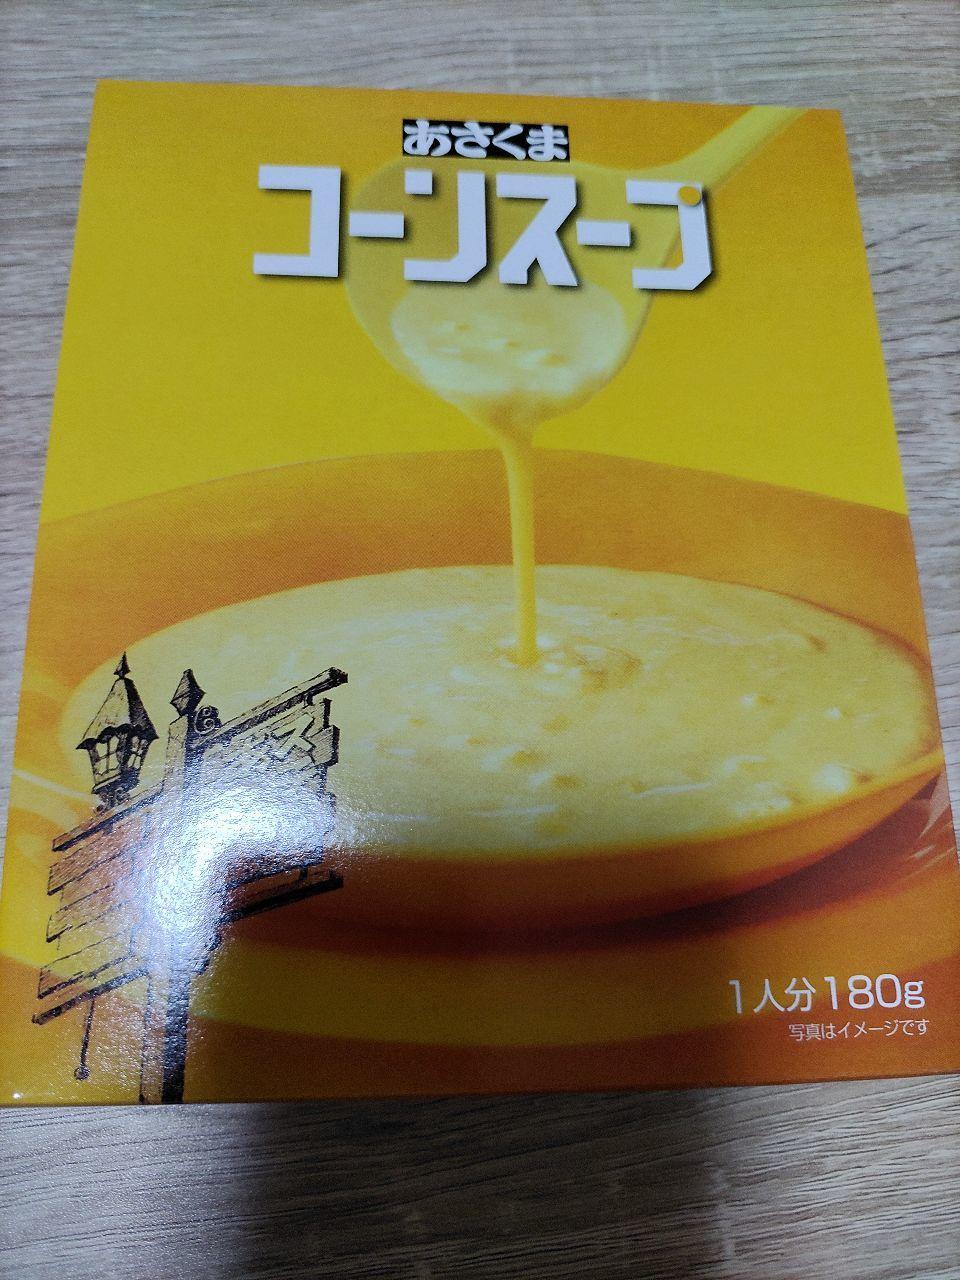 2751 - (株)テンポスホールディングス 店舗で7300円ぐらいだったのでコーンスープ3箱ゲットしました。